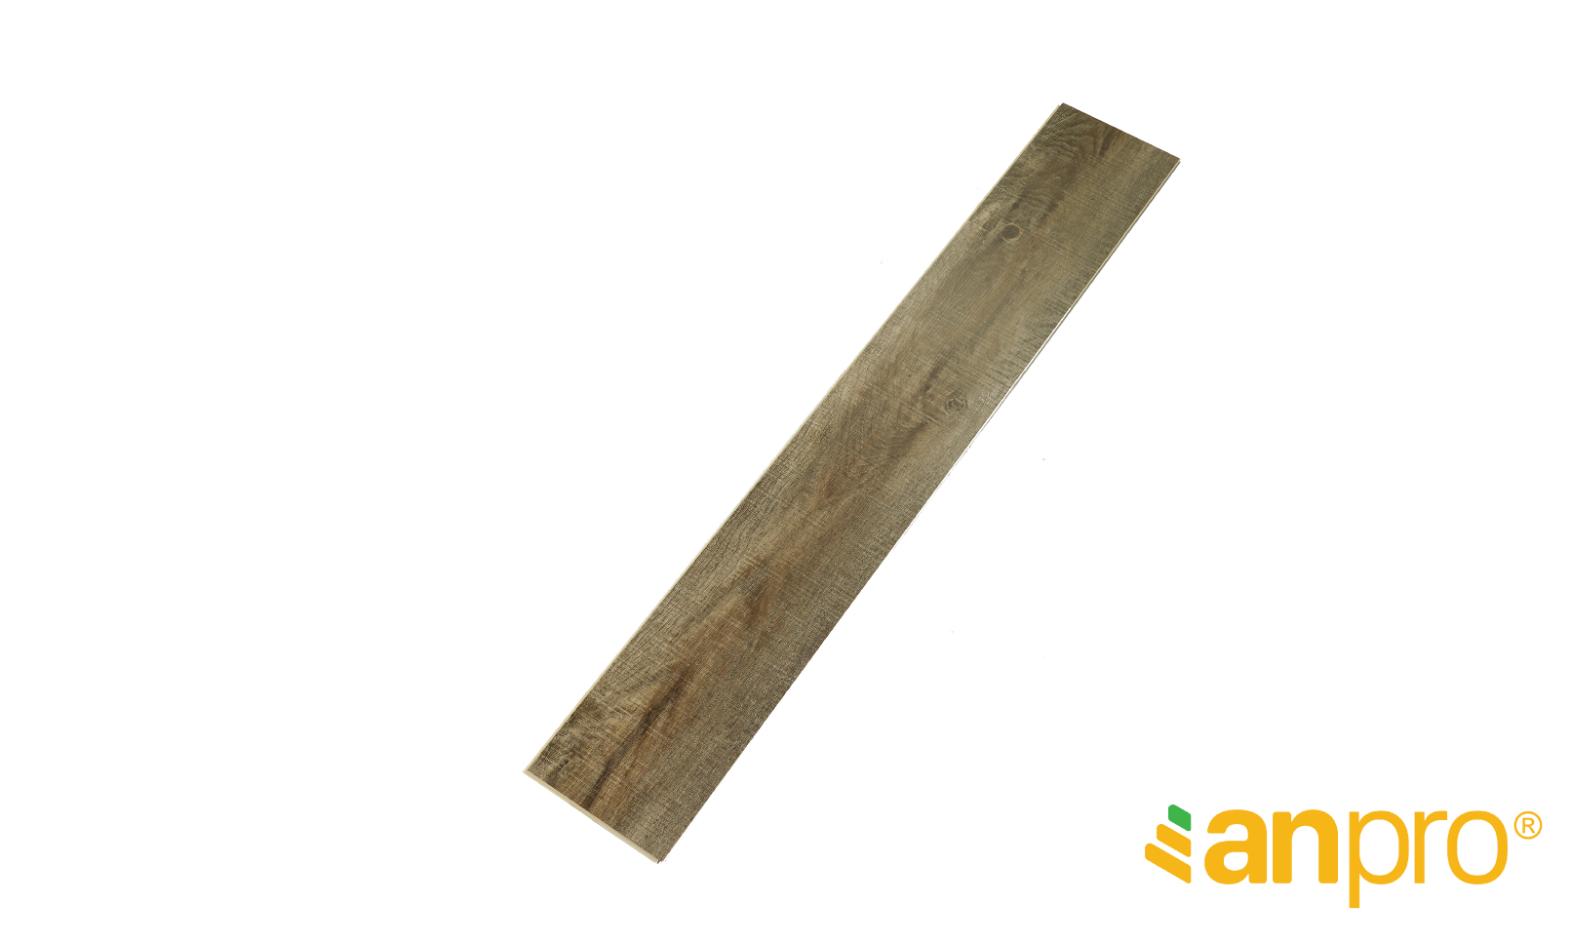 SA61 AnPro 01 - Sàn AnPro vân gỗ SA61